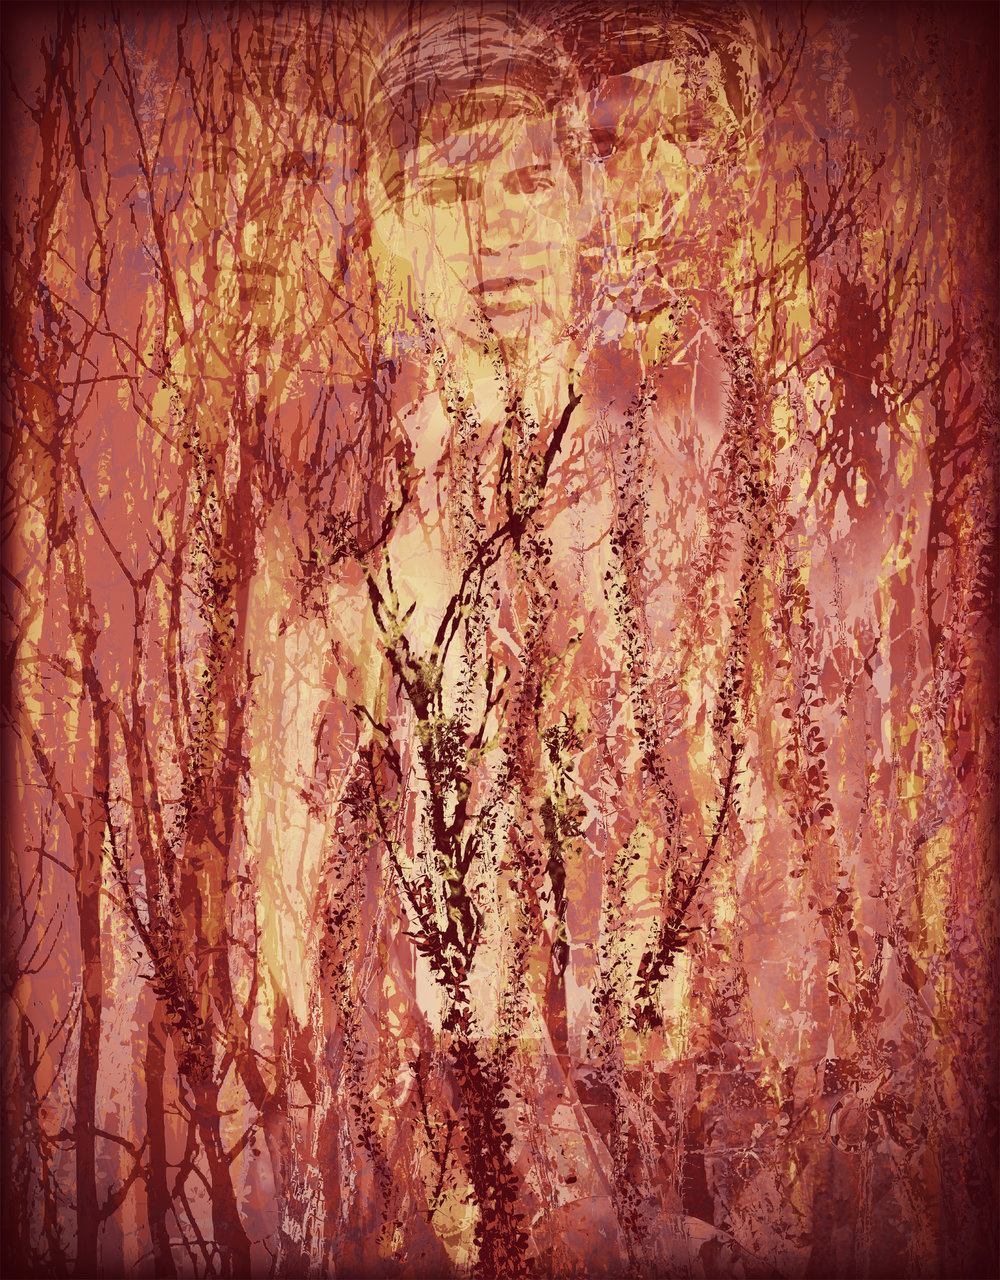 John Waiblinger-Golden Mirage-Digital Art on paper-14.5x19-Ed1of5-2018 -framed$675.jpg